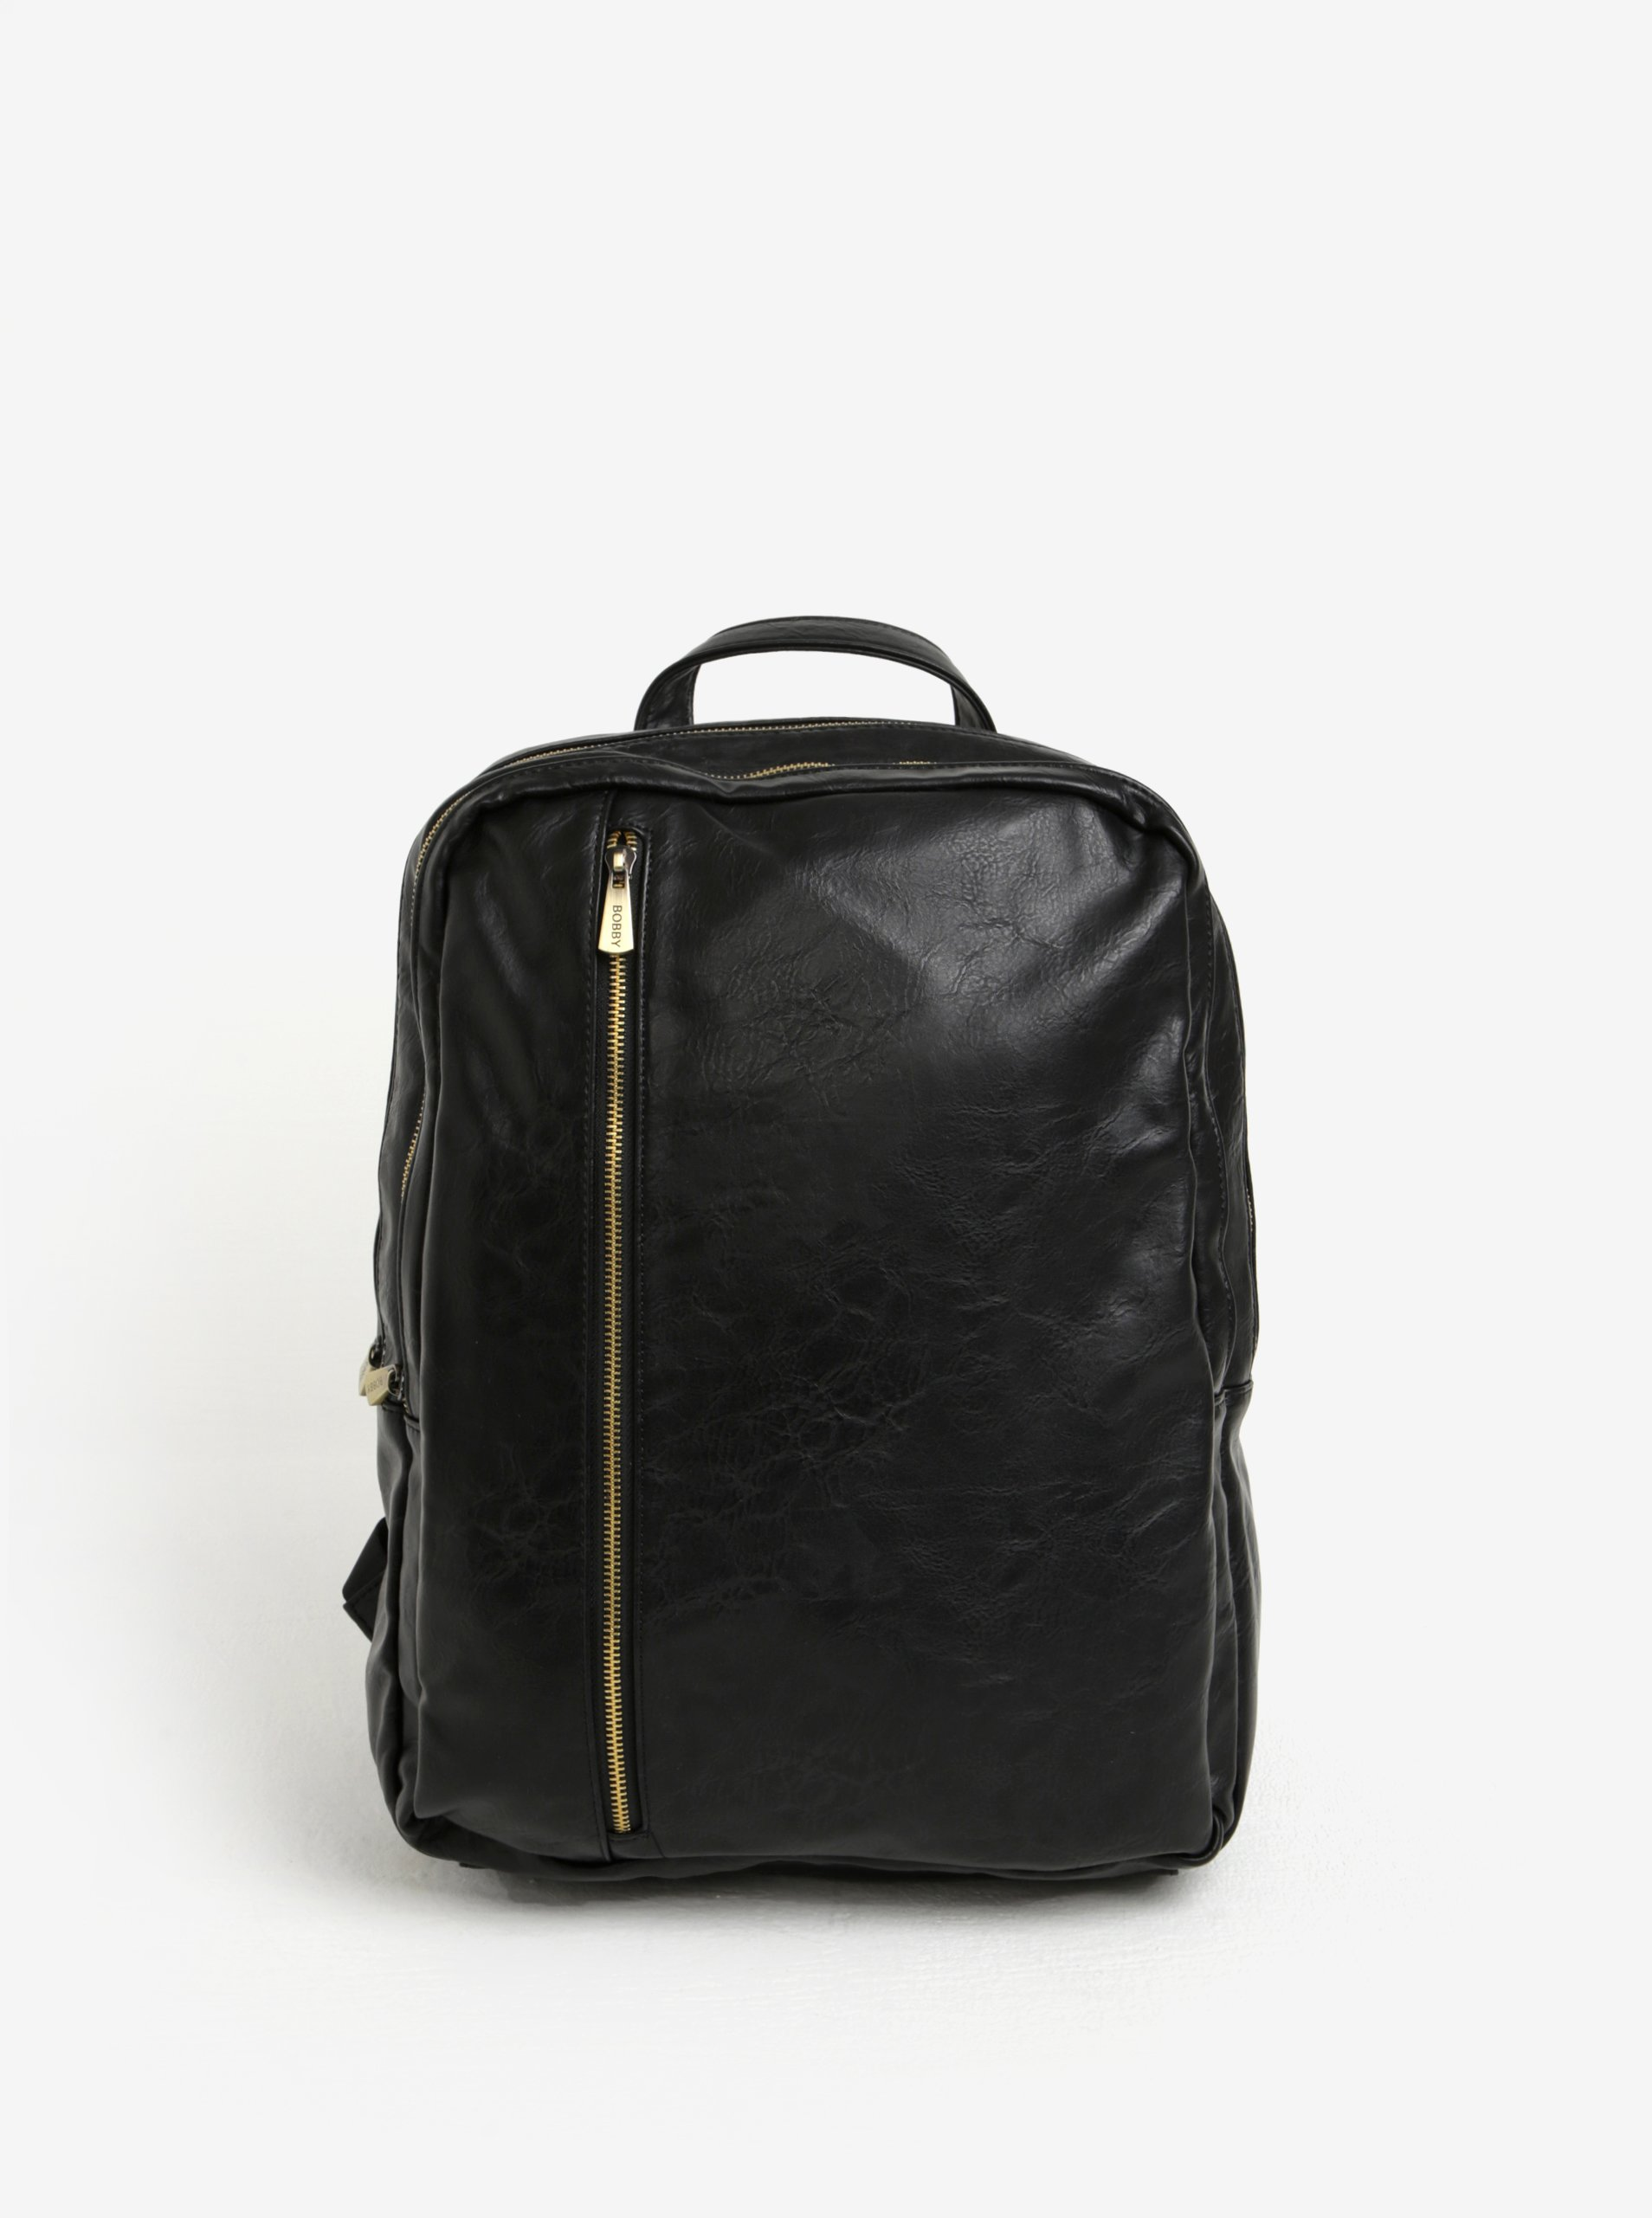 Černý batoh se zipy ve zlaté barvě Bobby Black